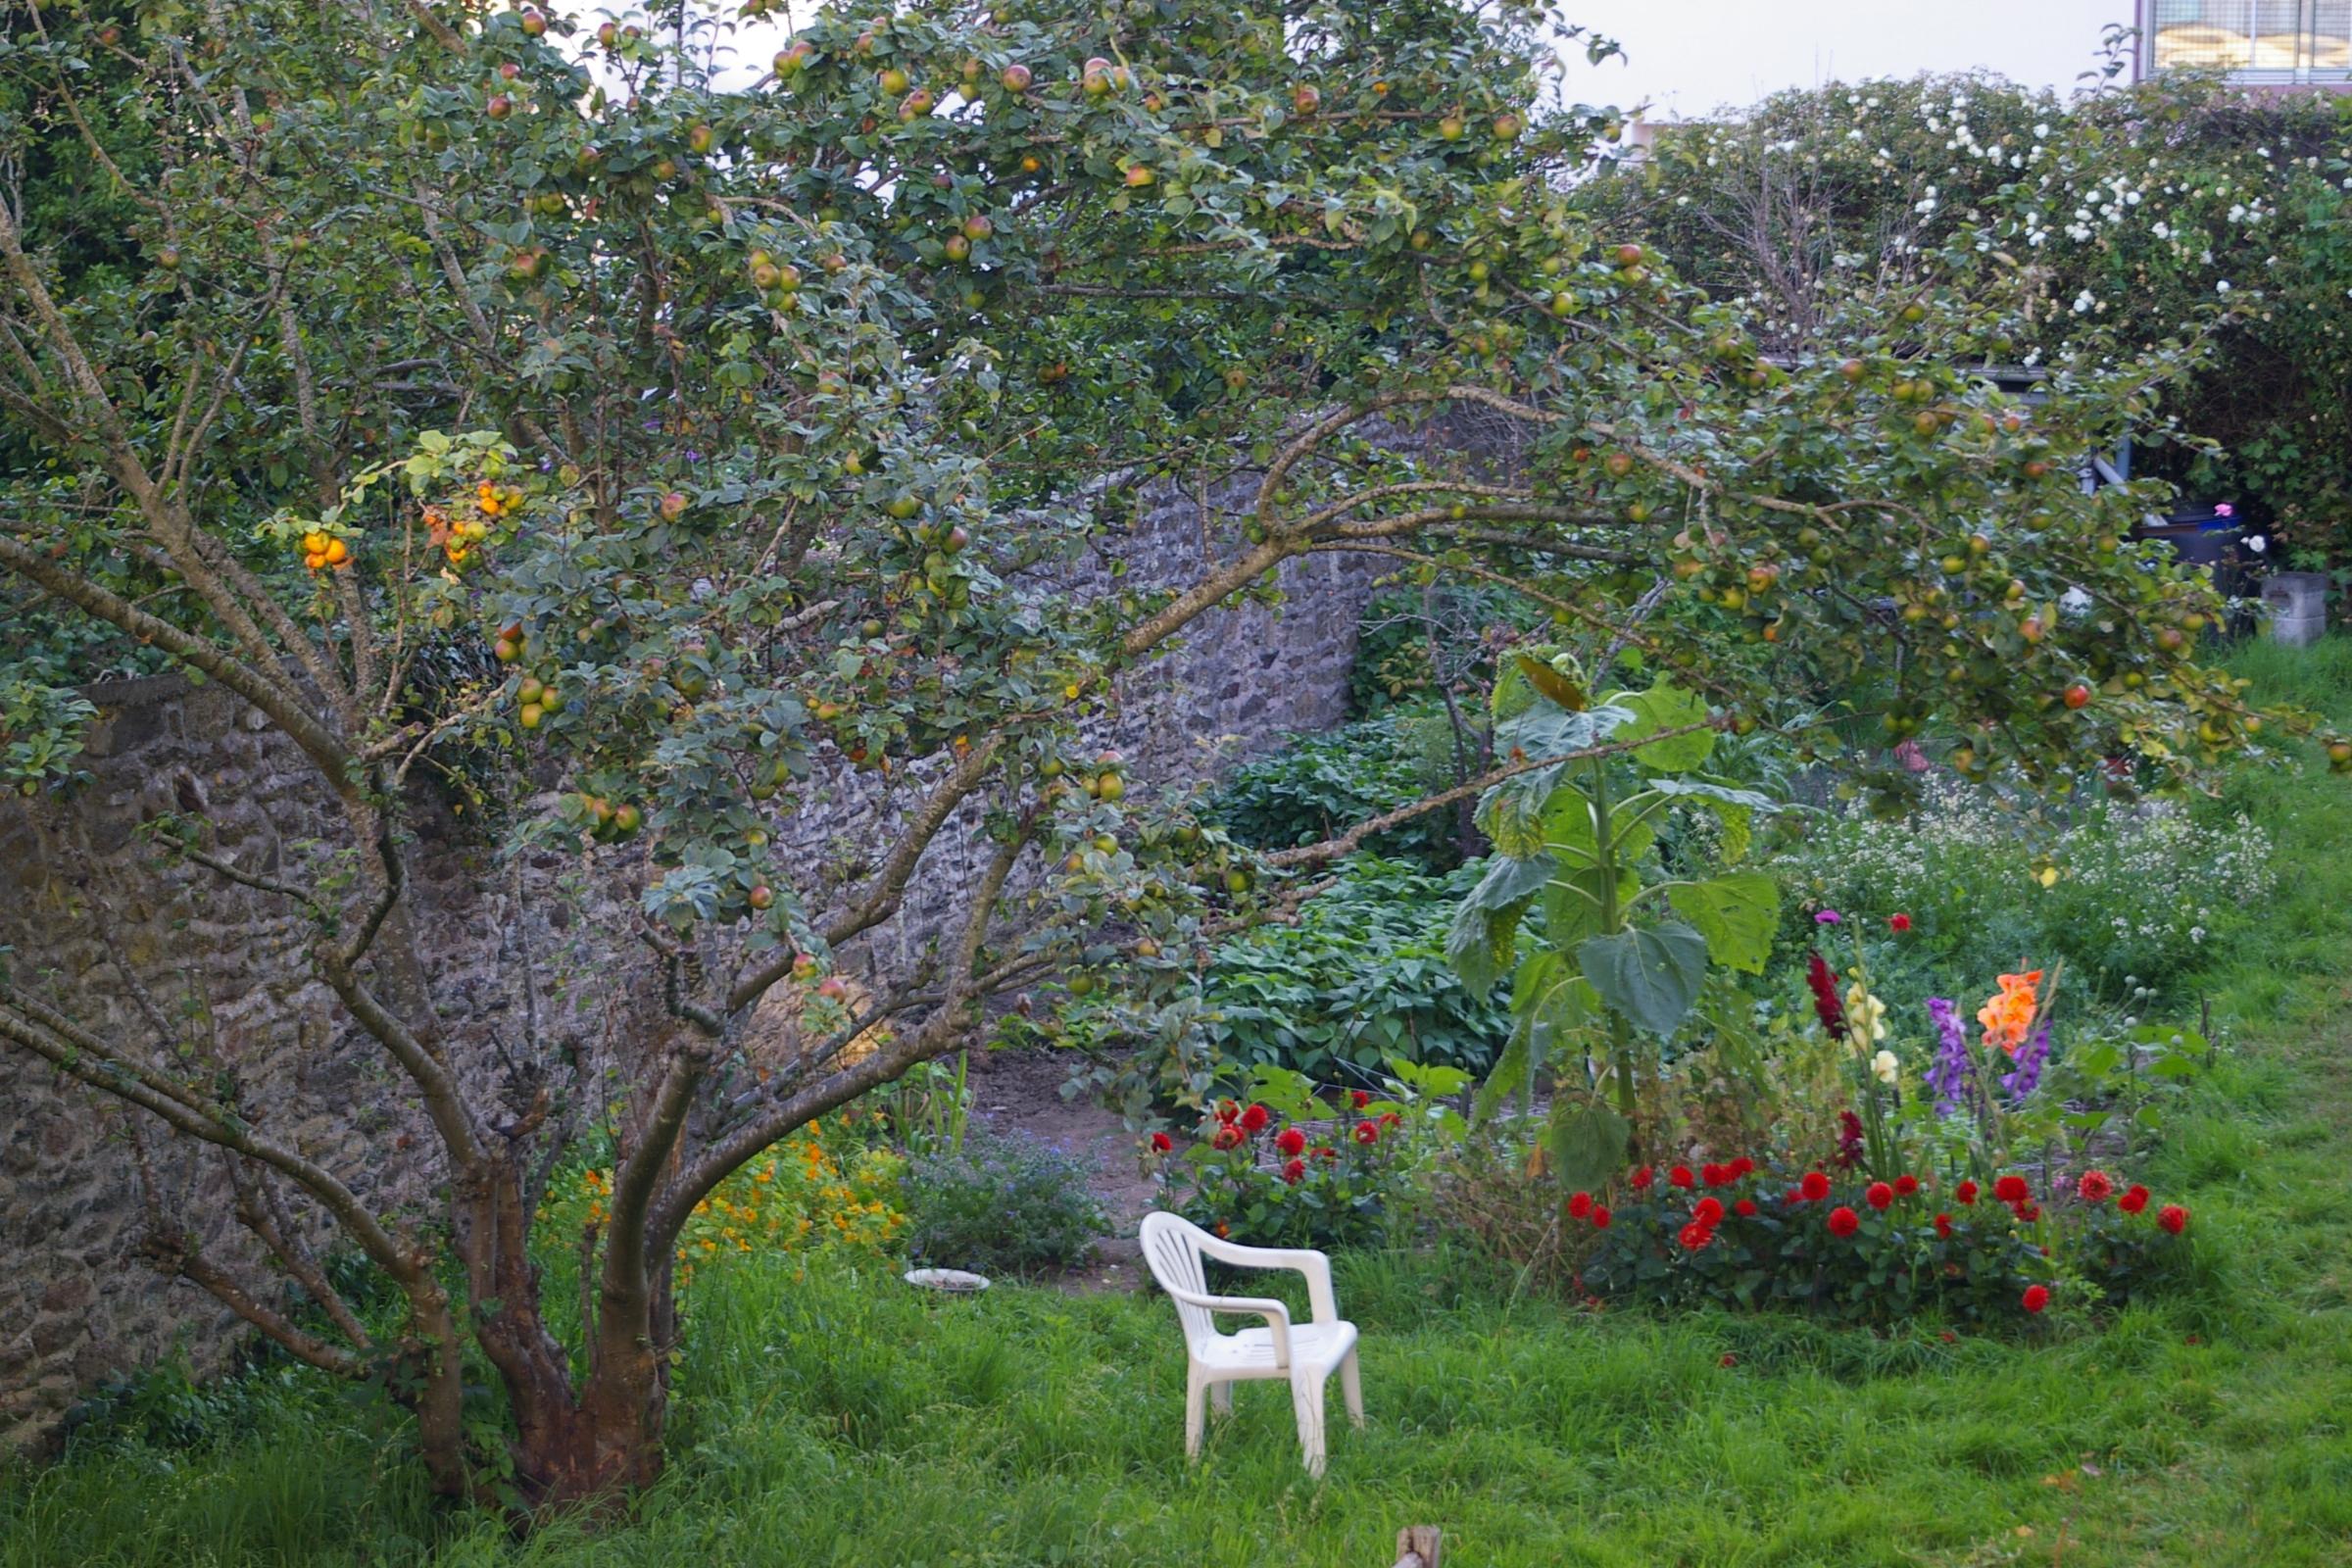 Jardin capucine brest vert le jardin for Jardin kennedy brest